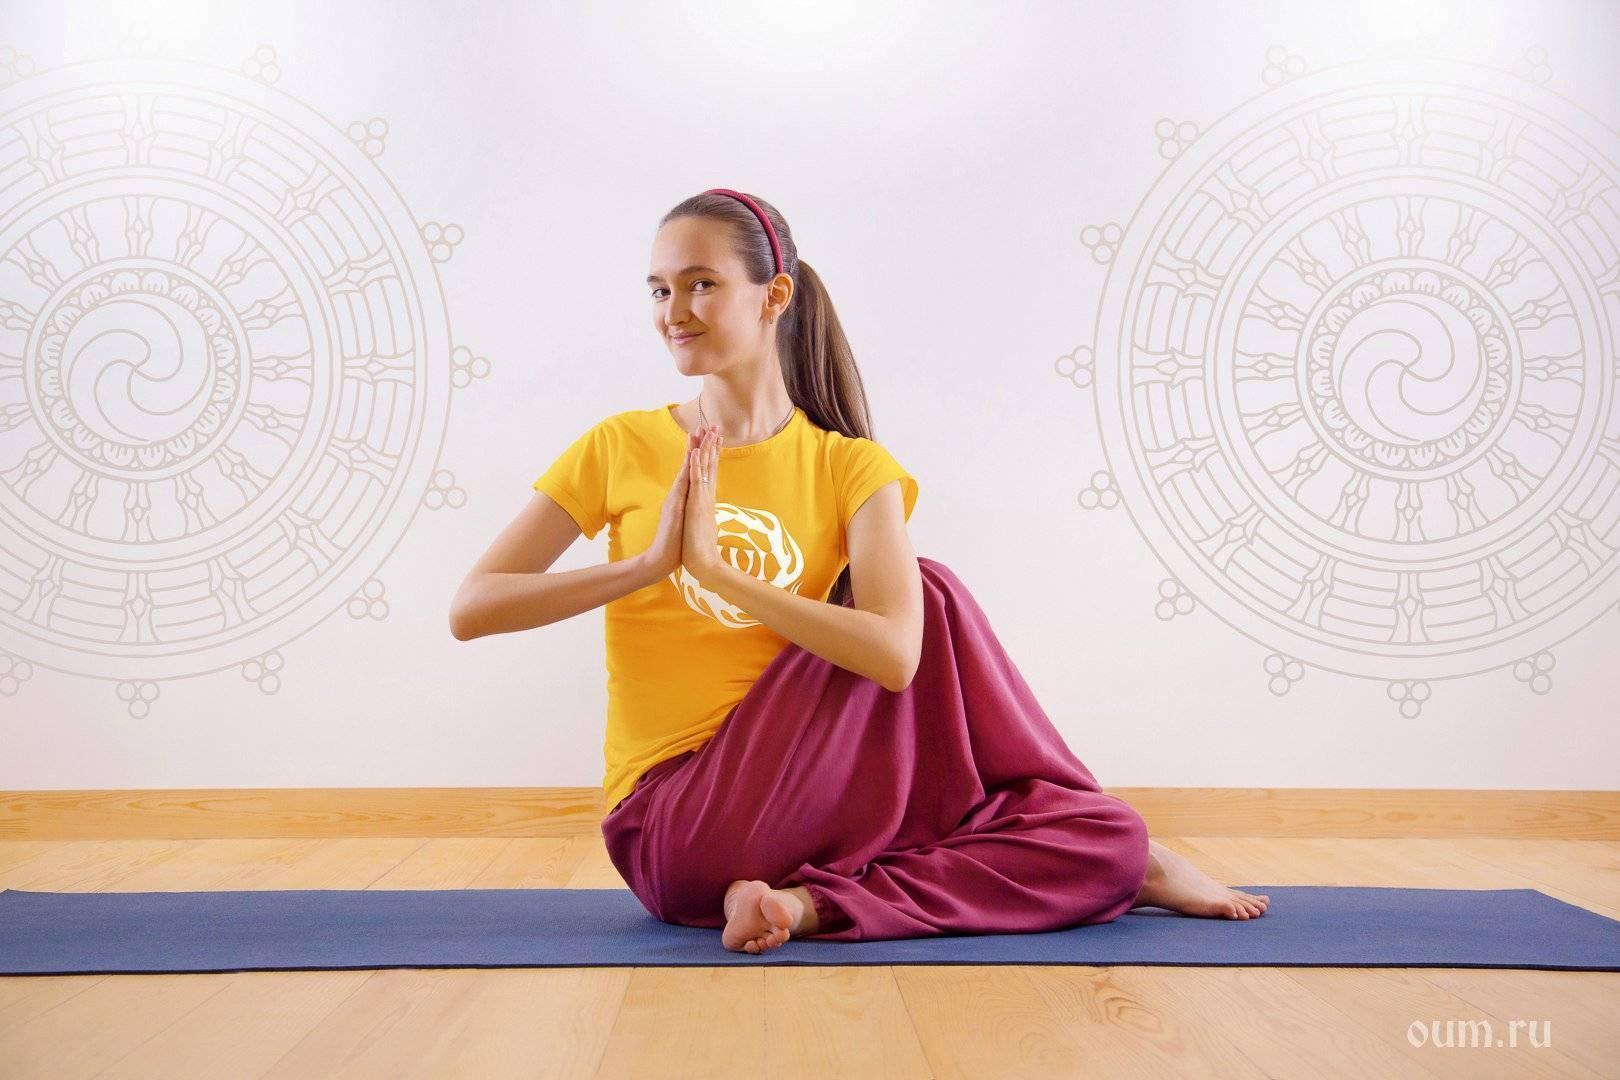 Семь лучших техник медитации для начинающих